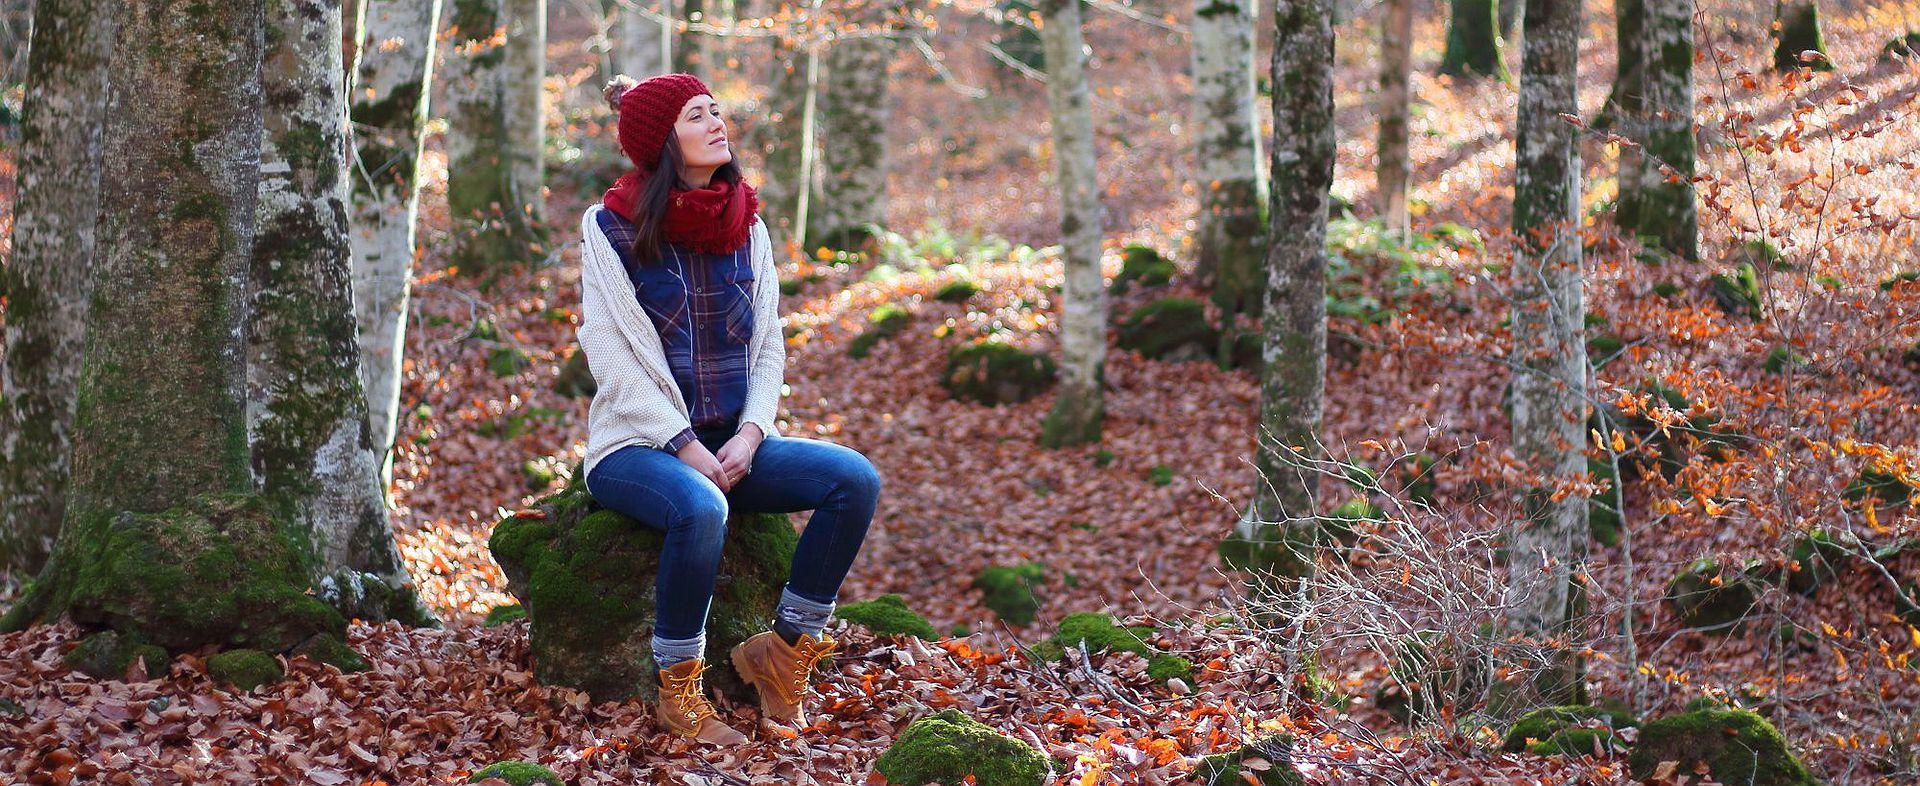 Tres hayedos catalanes para celebrar el otoño